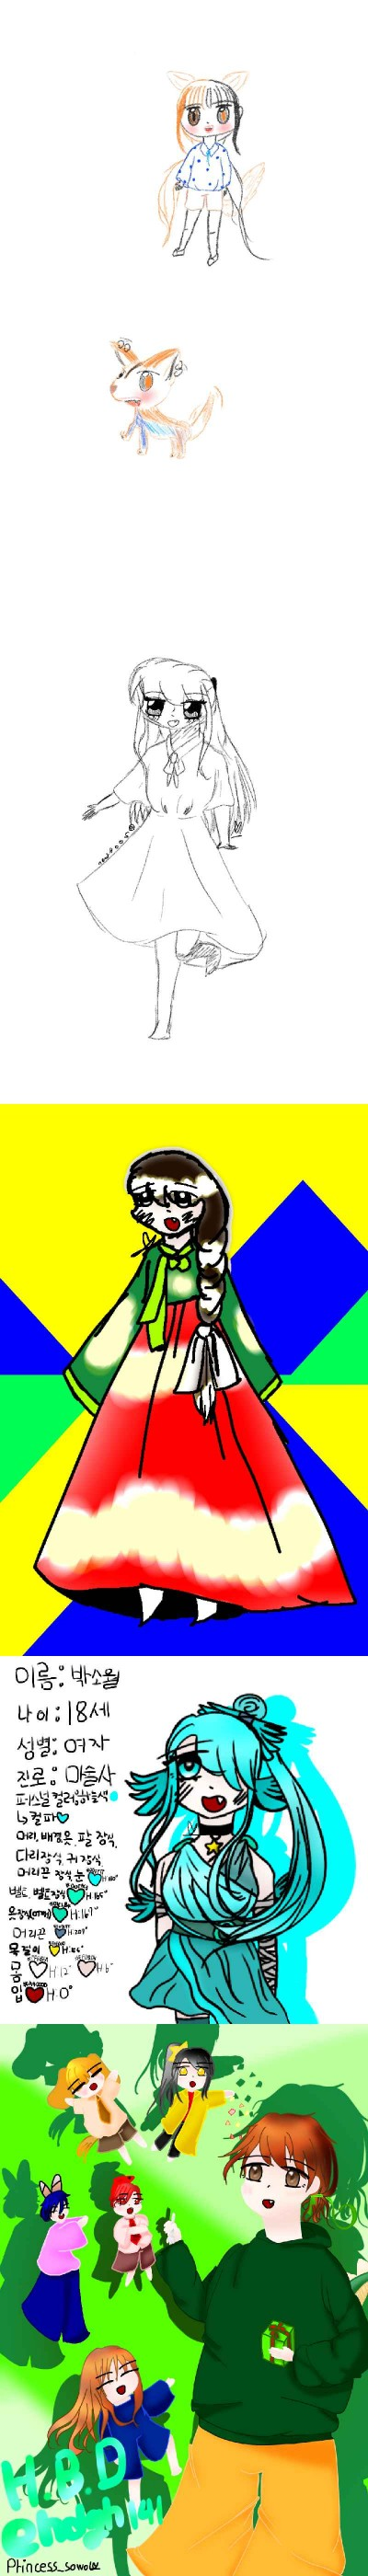 그림 늘었나.....?   Princess_sowol   Digital Drawing   PENUP